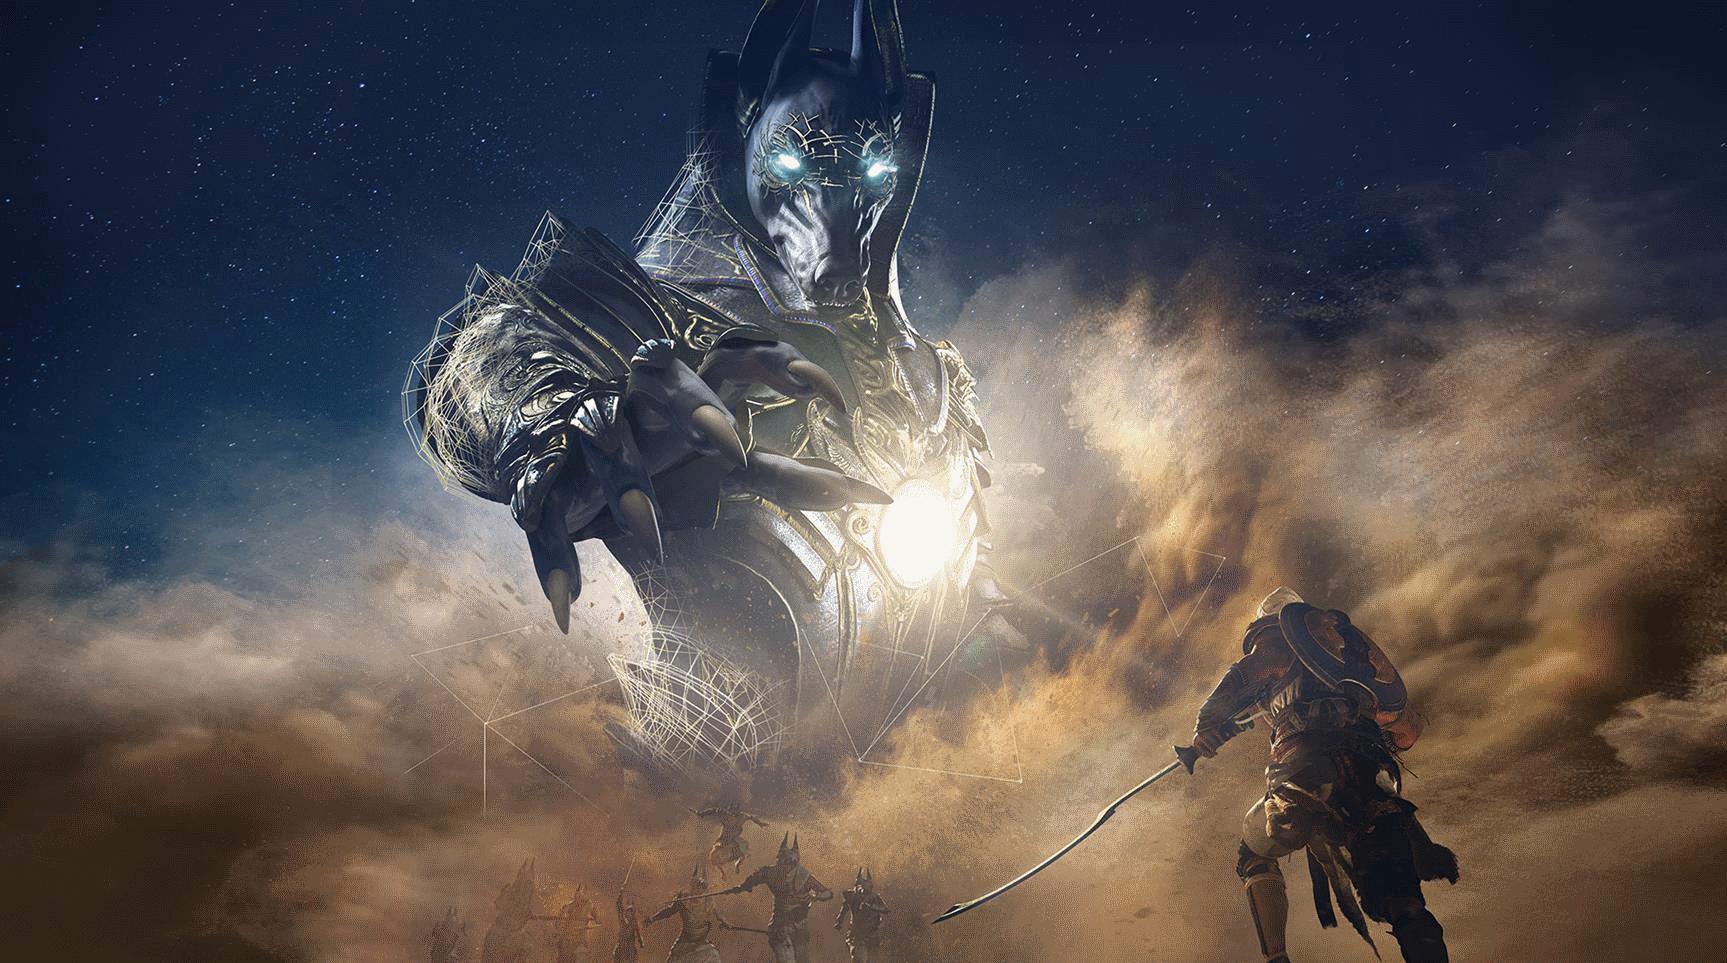 Facing Anubis in Assassin's Creed Origins